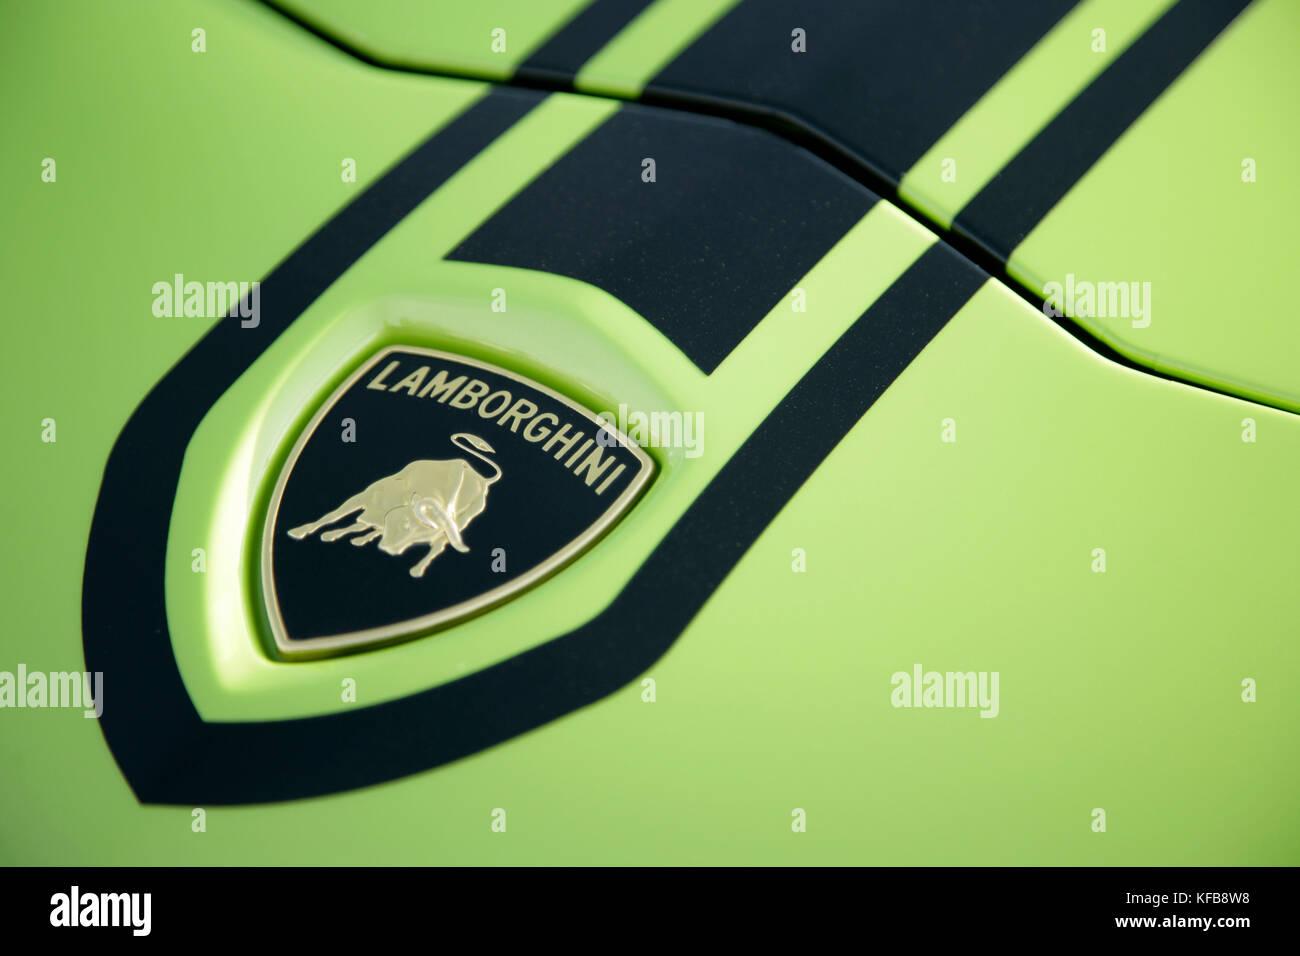 Lamborghini Bull Symbol Stock Photos Lamborghini Bull Symbol Stock